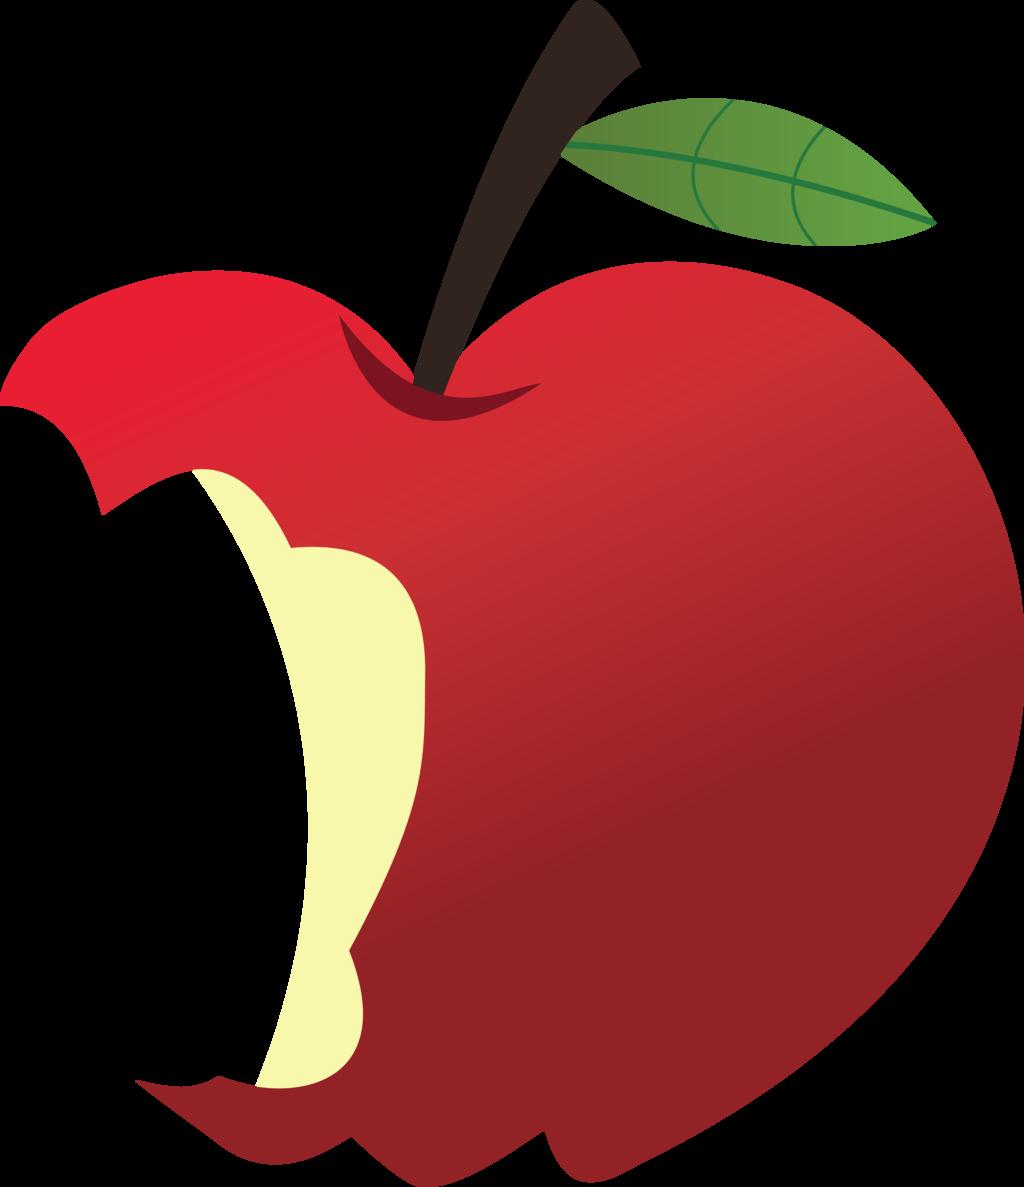 Bitten Apple Clipart